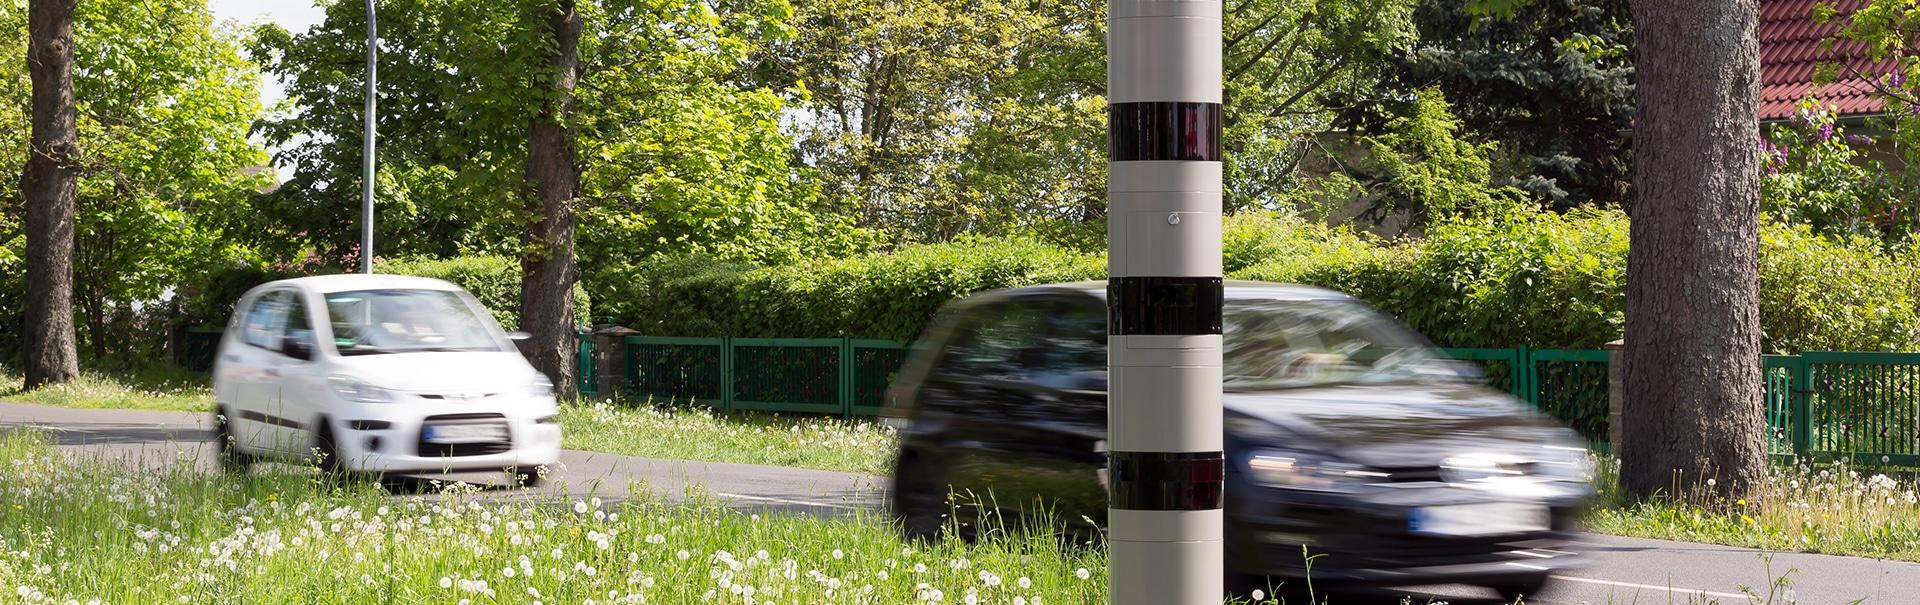 Fehler bei der Geschwindigkeitsmessung – Sind tausende Bußgeldbescheide nun ungültig?